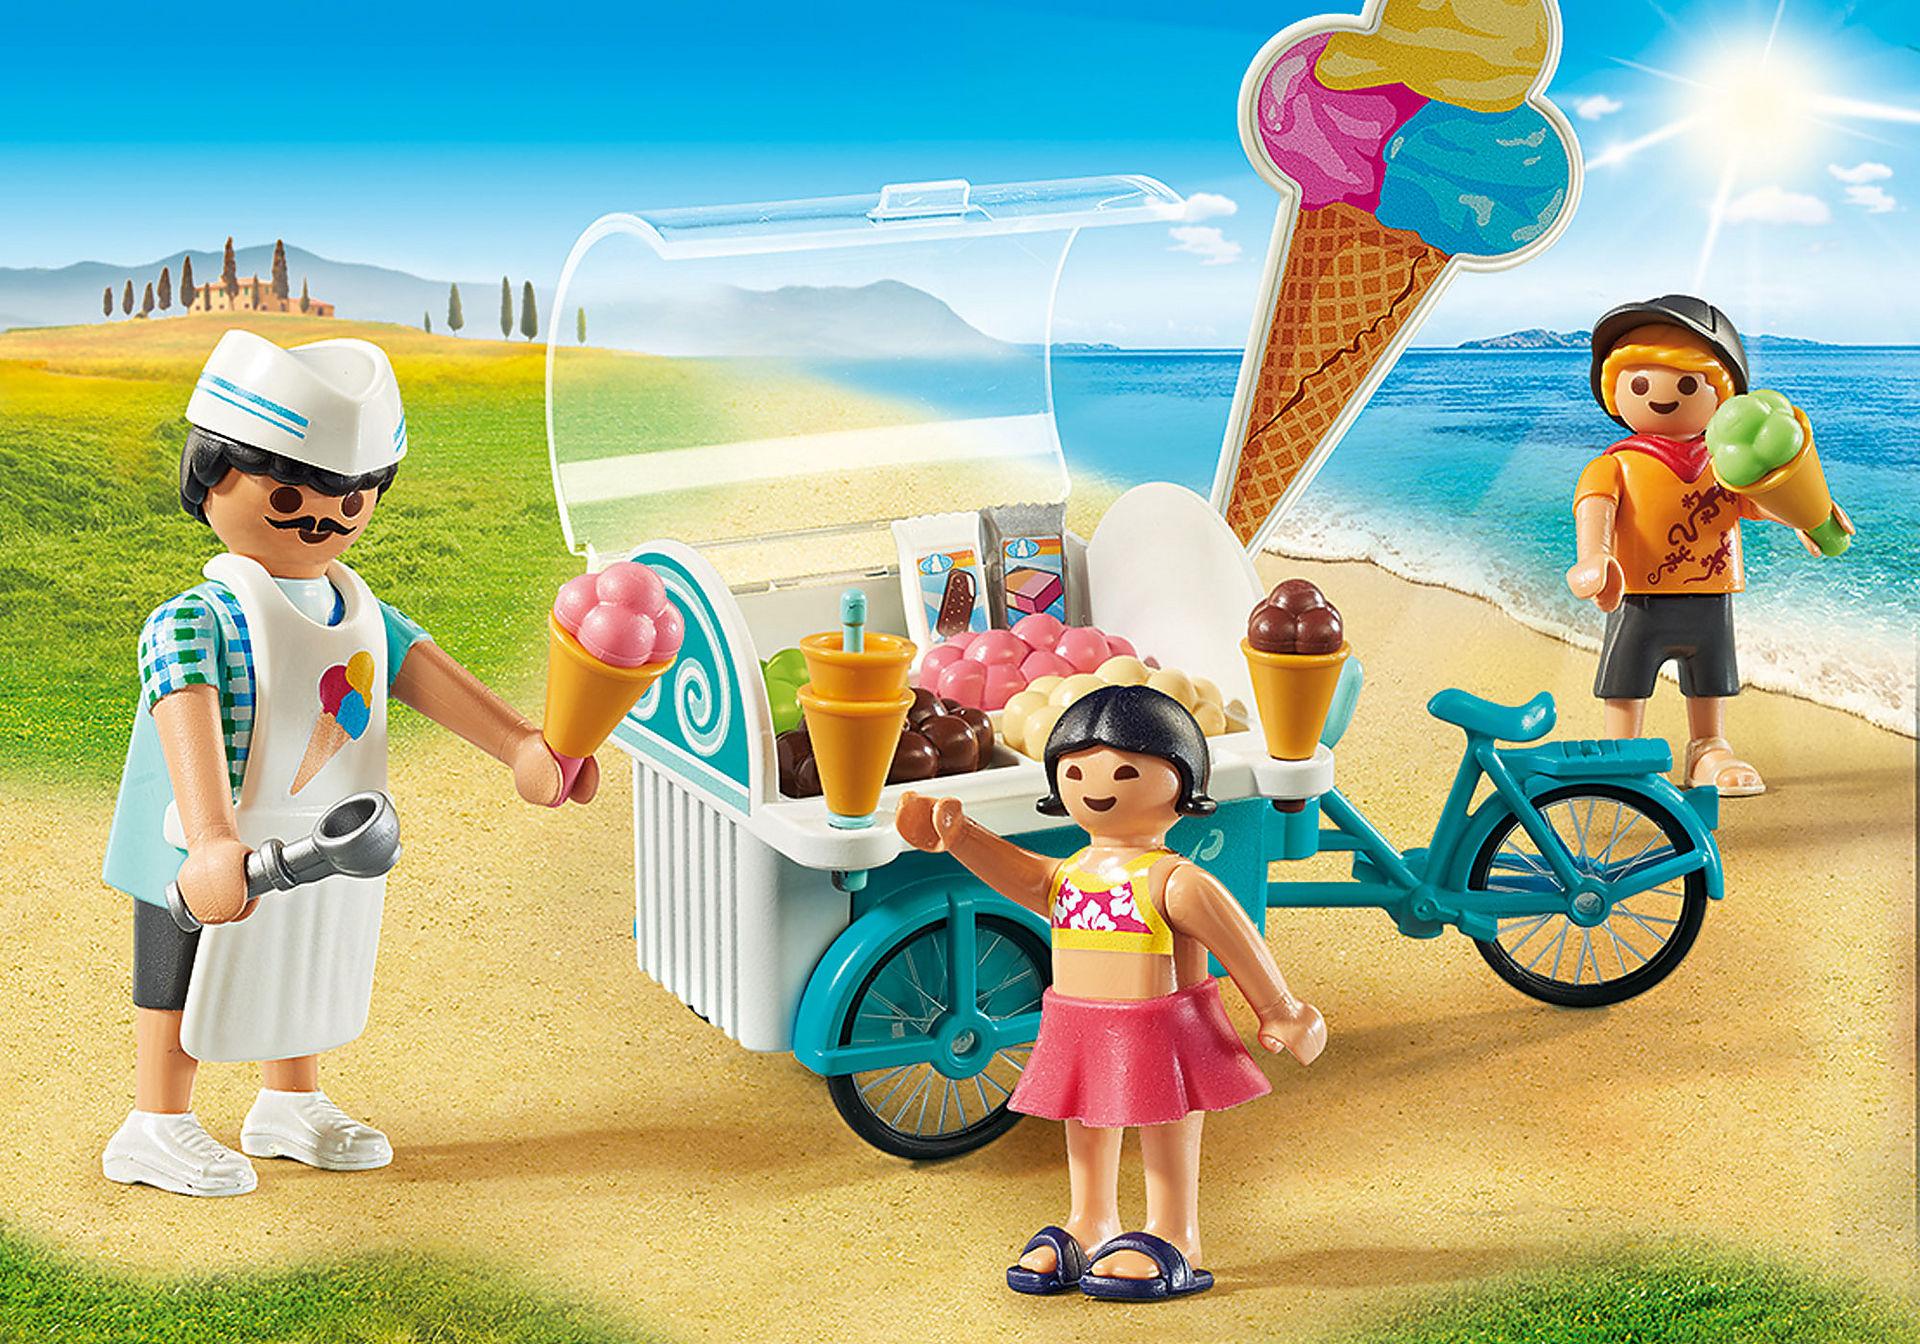 9426 Παγωτατζής με ποδήλατο ψυγείο zoom image1